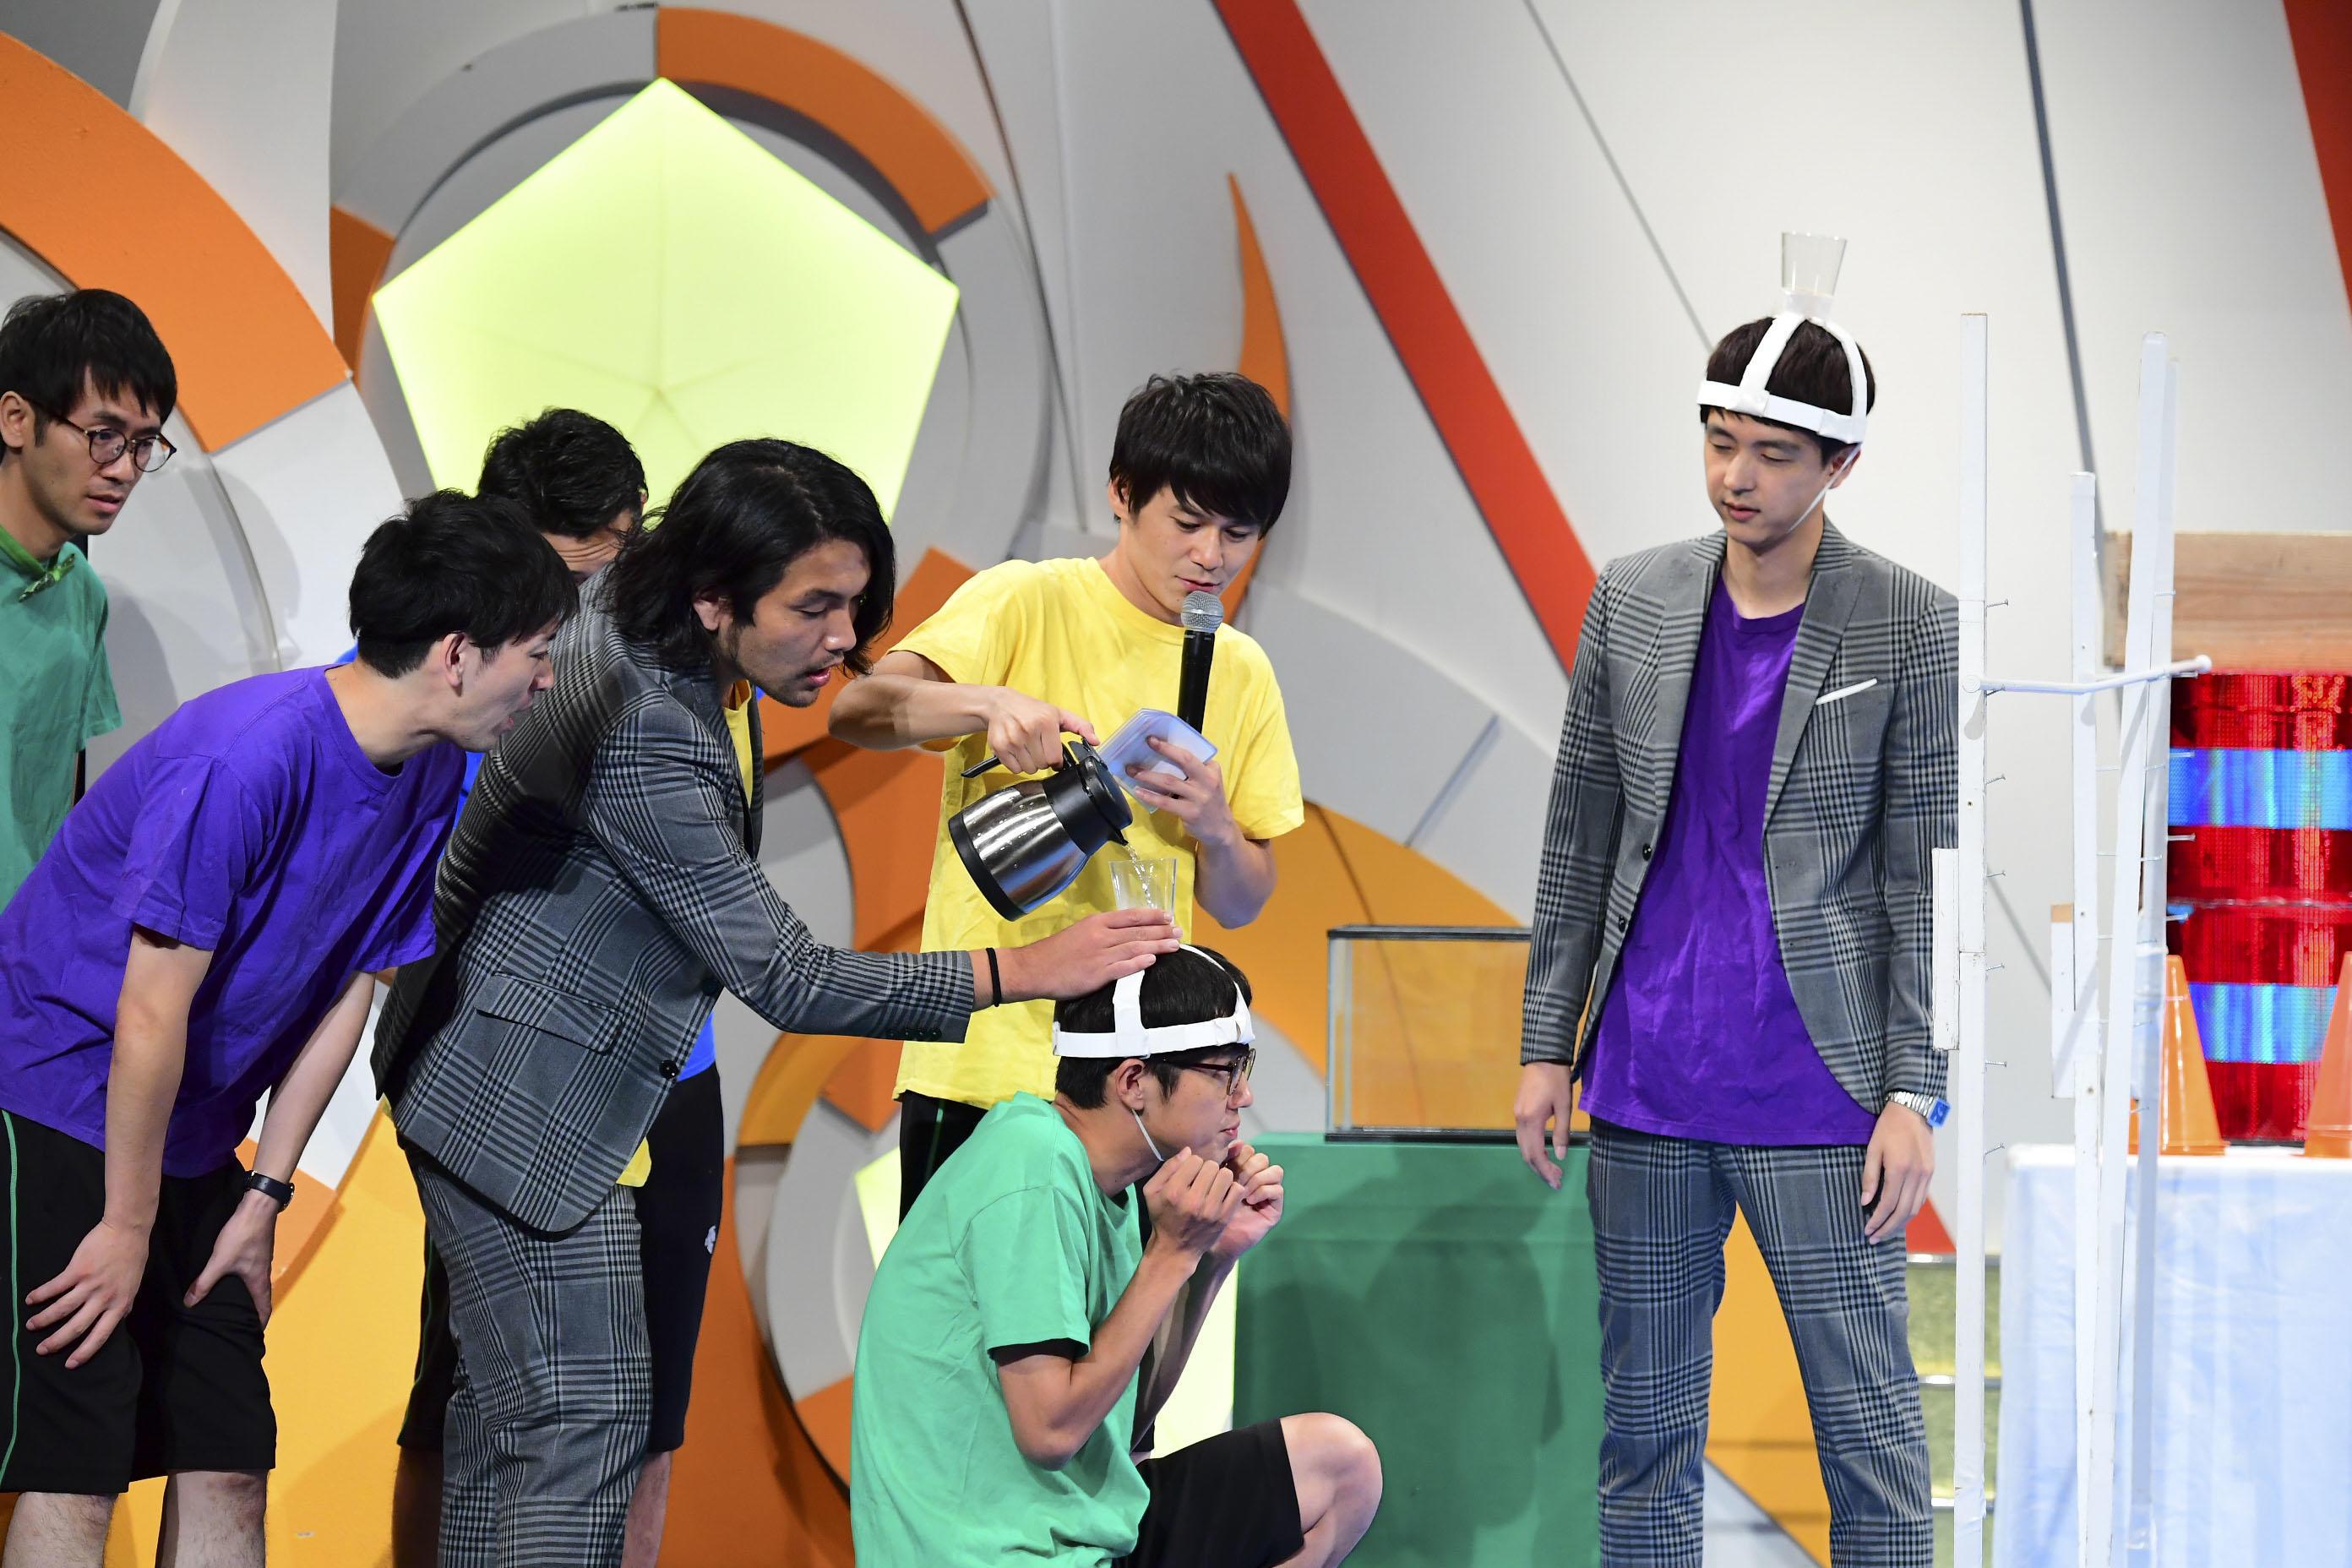 http://news.yoshimoto.co.jp/20170829144835-15ea35f360a3cf7604d57ecac437dc900d9c8ecc.jpg